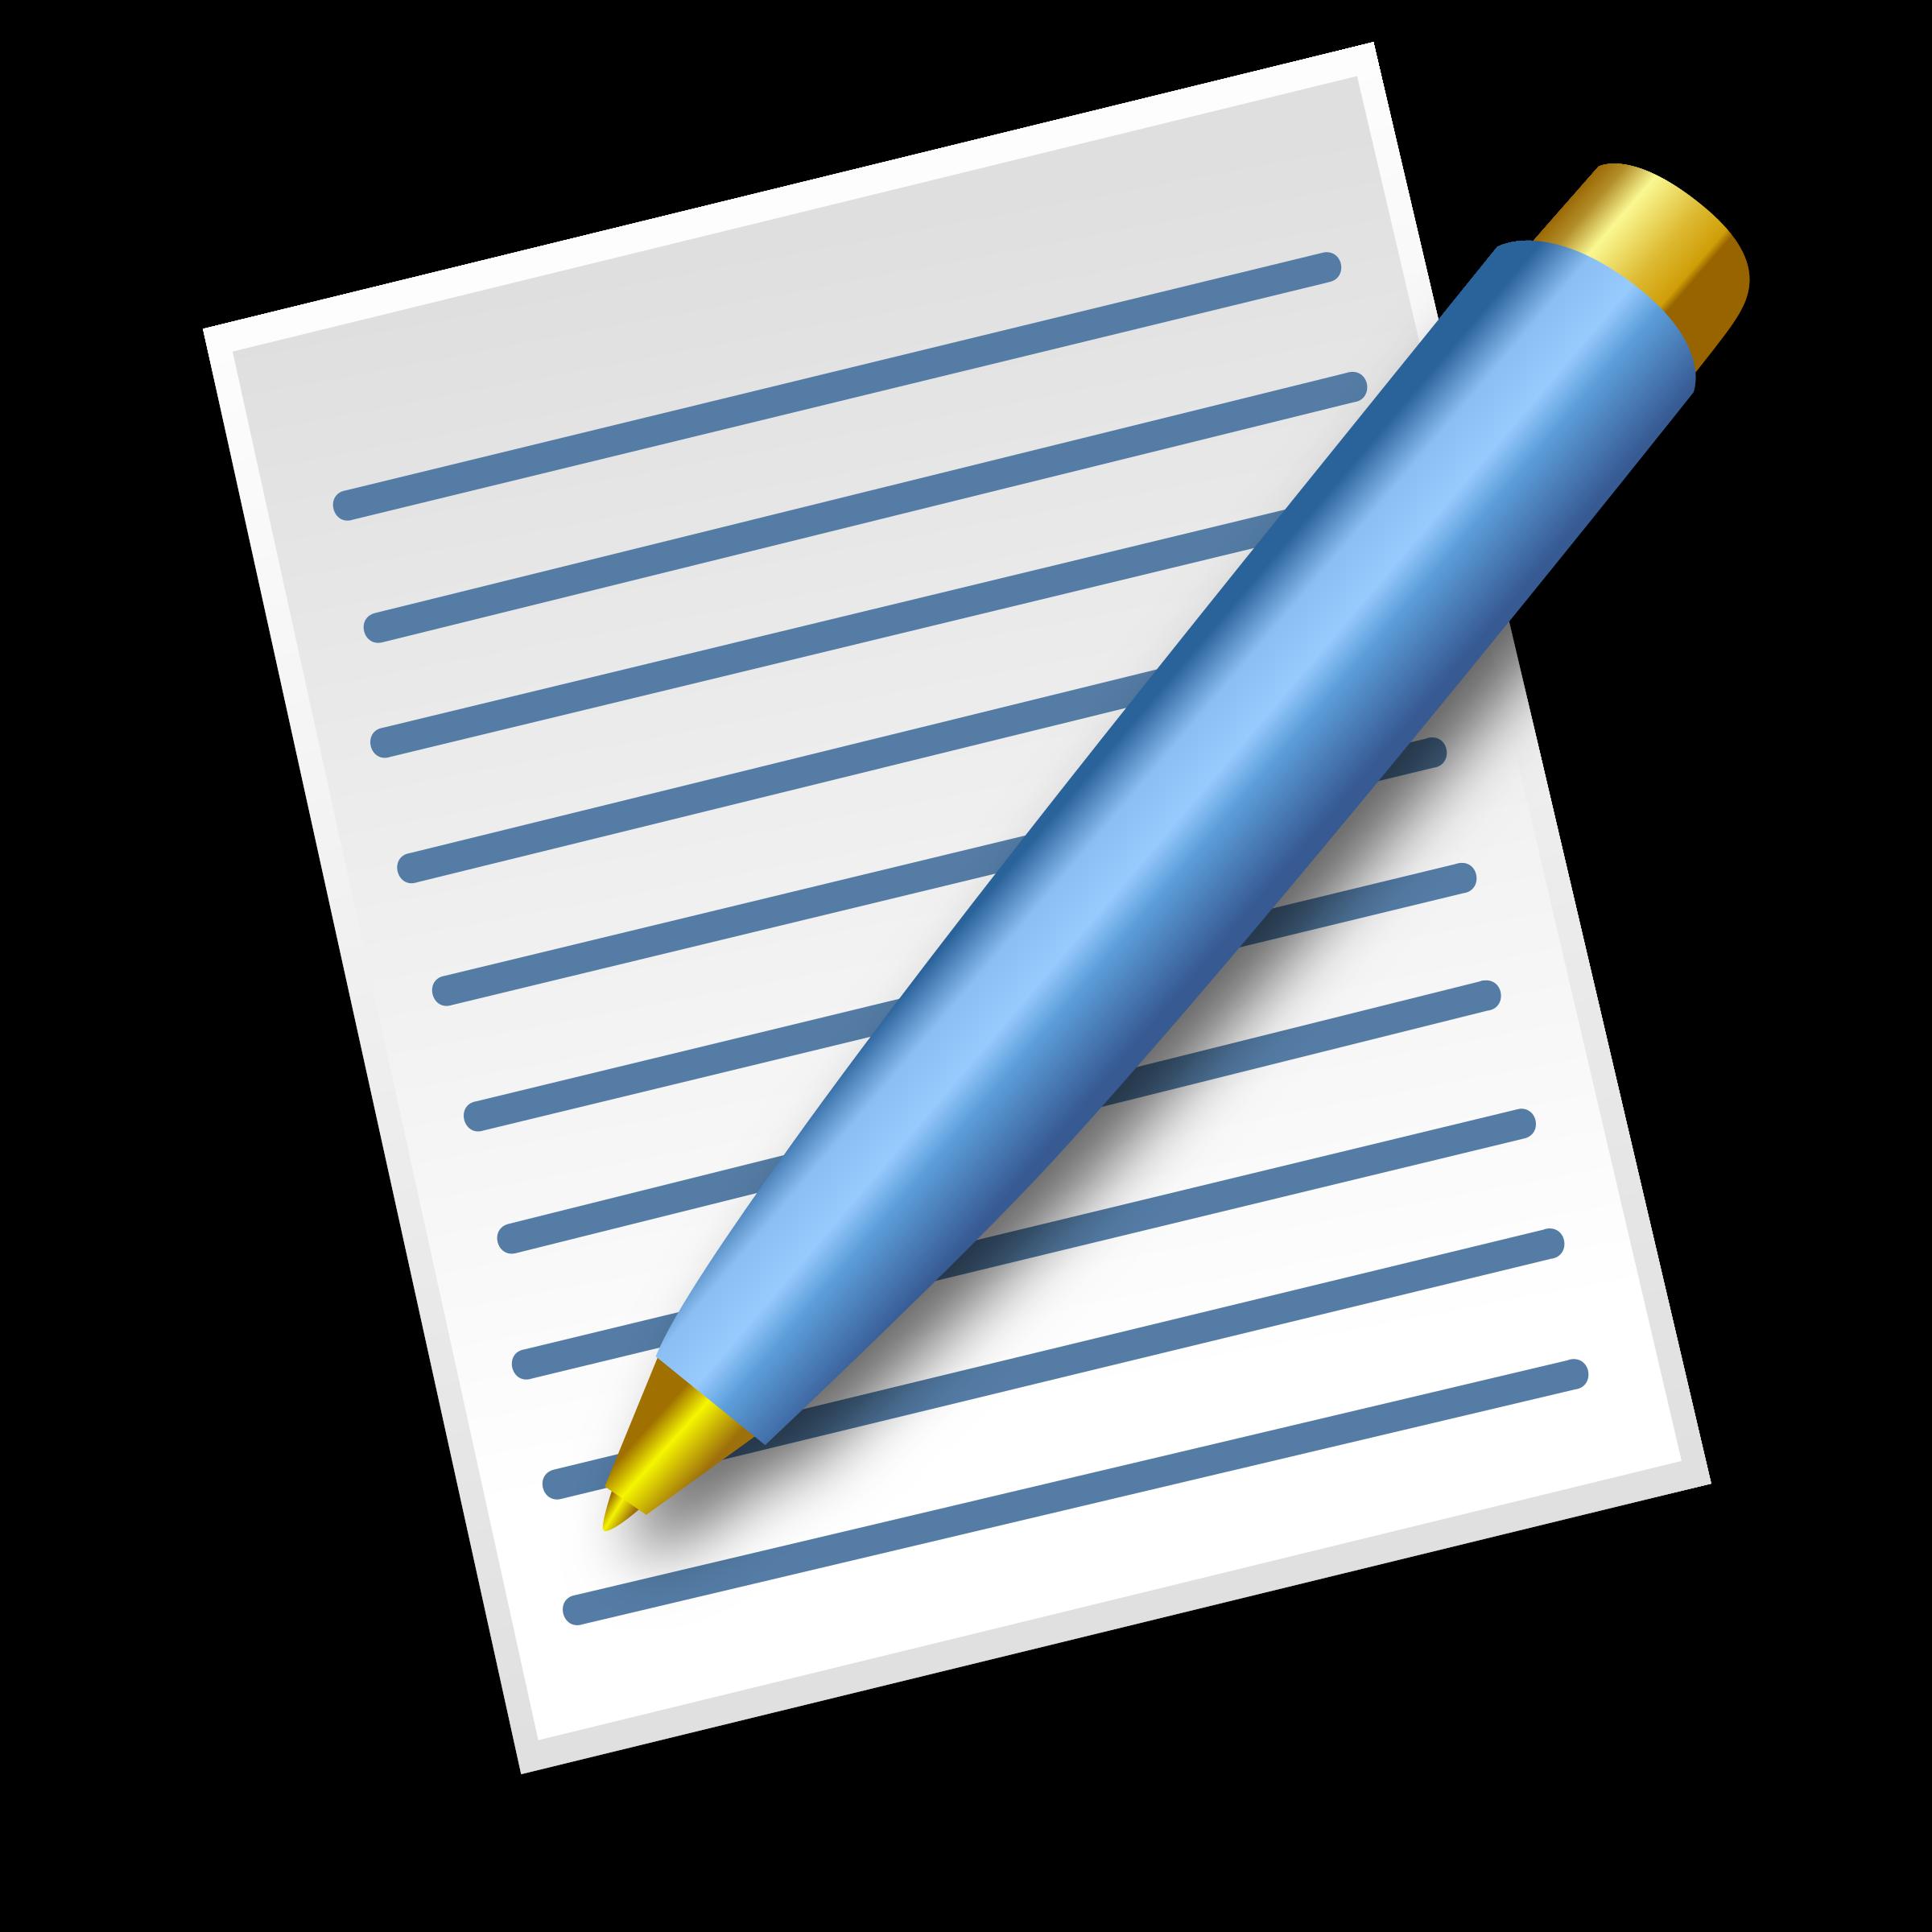 Pen clipart pen paper Pen pen Paper with Paper